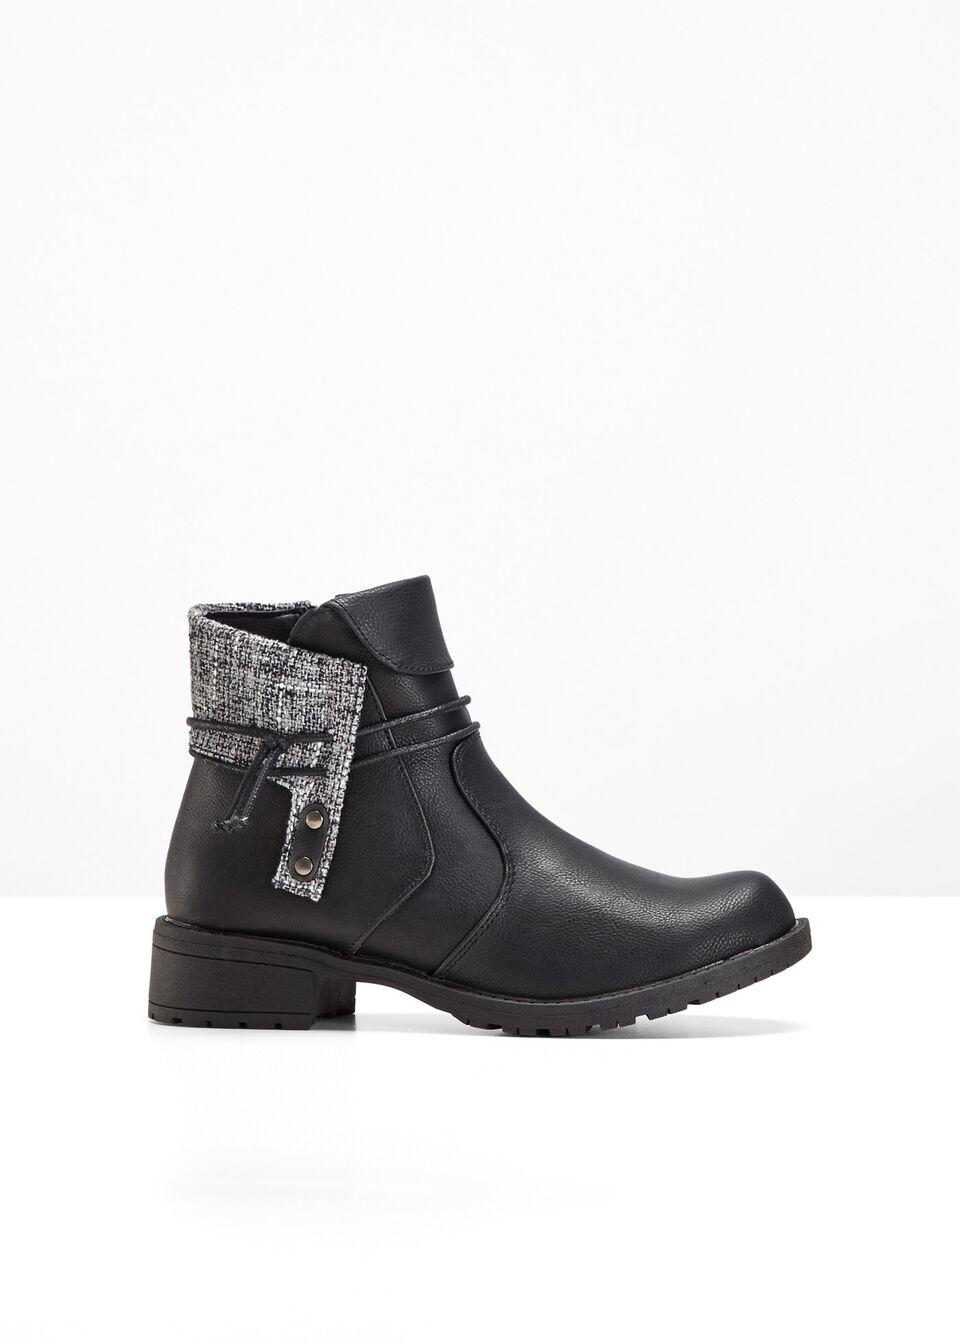 Ботинки в байкерском стиле от bonprix